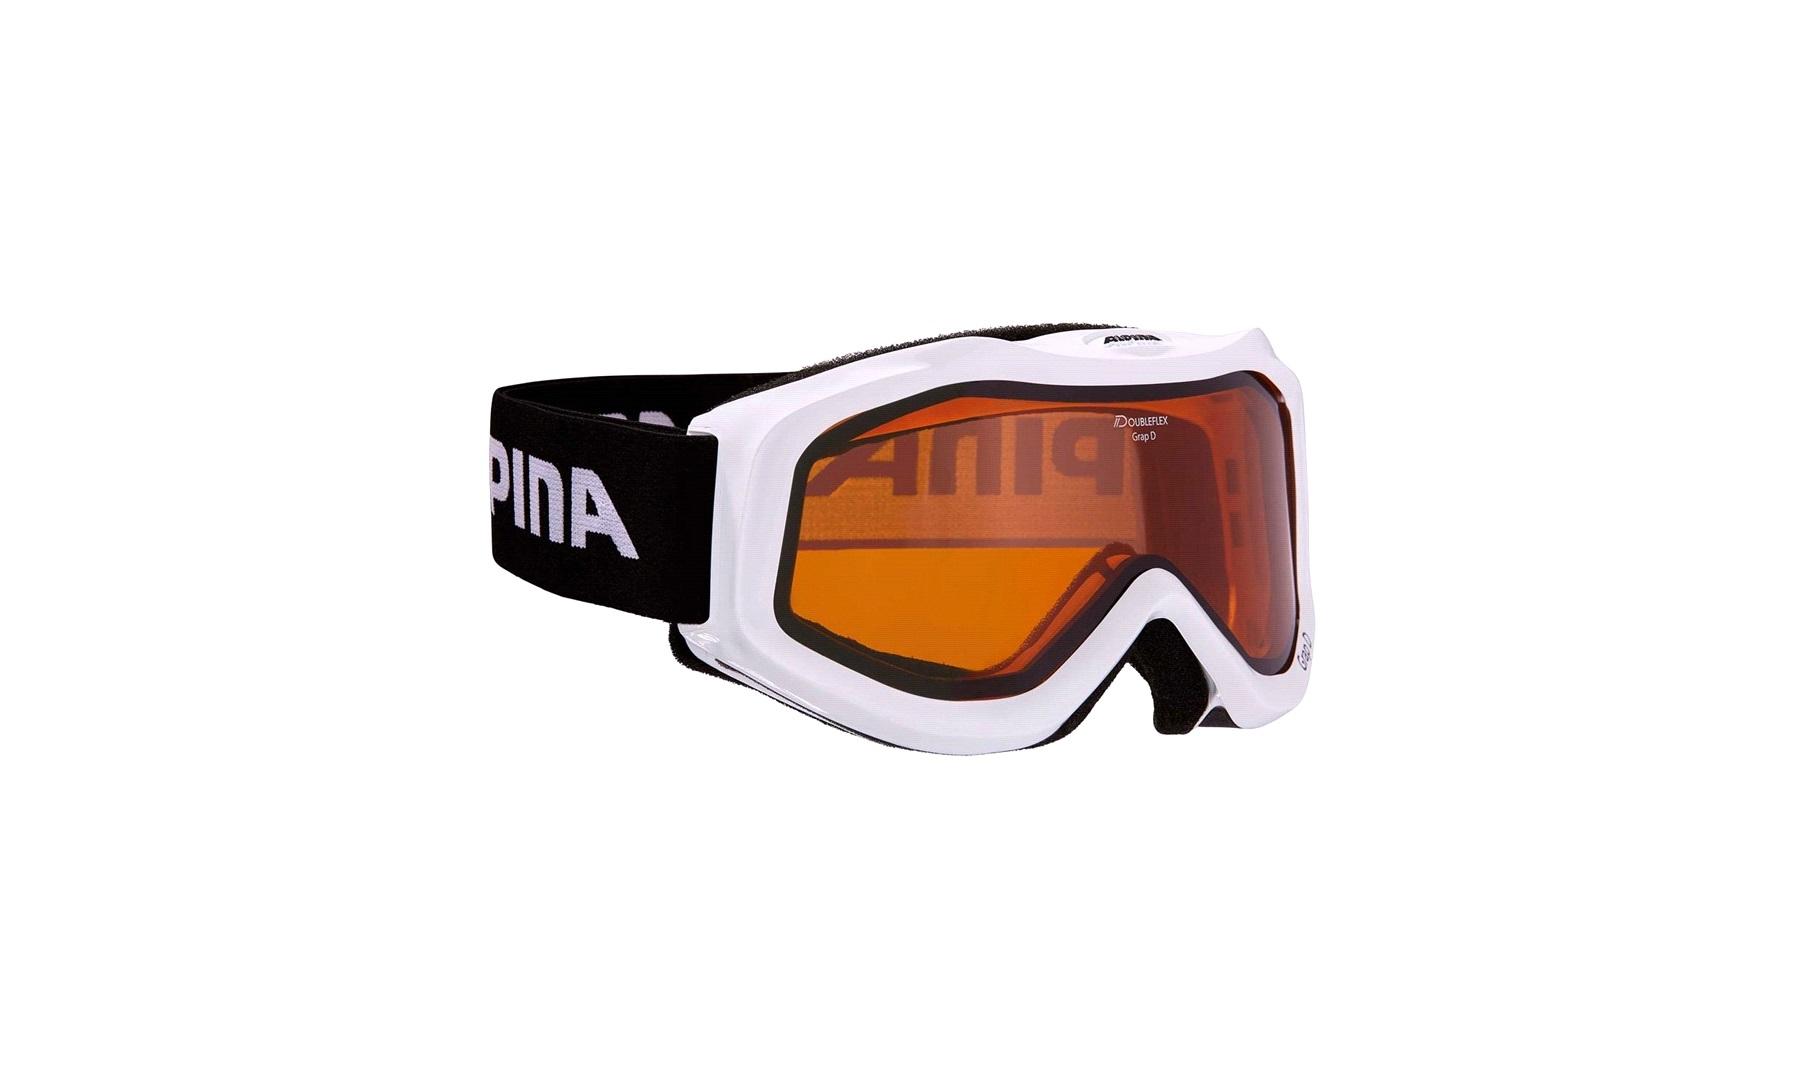 bb2a5279d ALPINA GRAP D skibriller hvid - Cross briller - thansen.dk